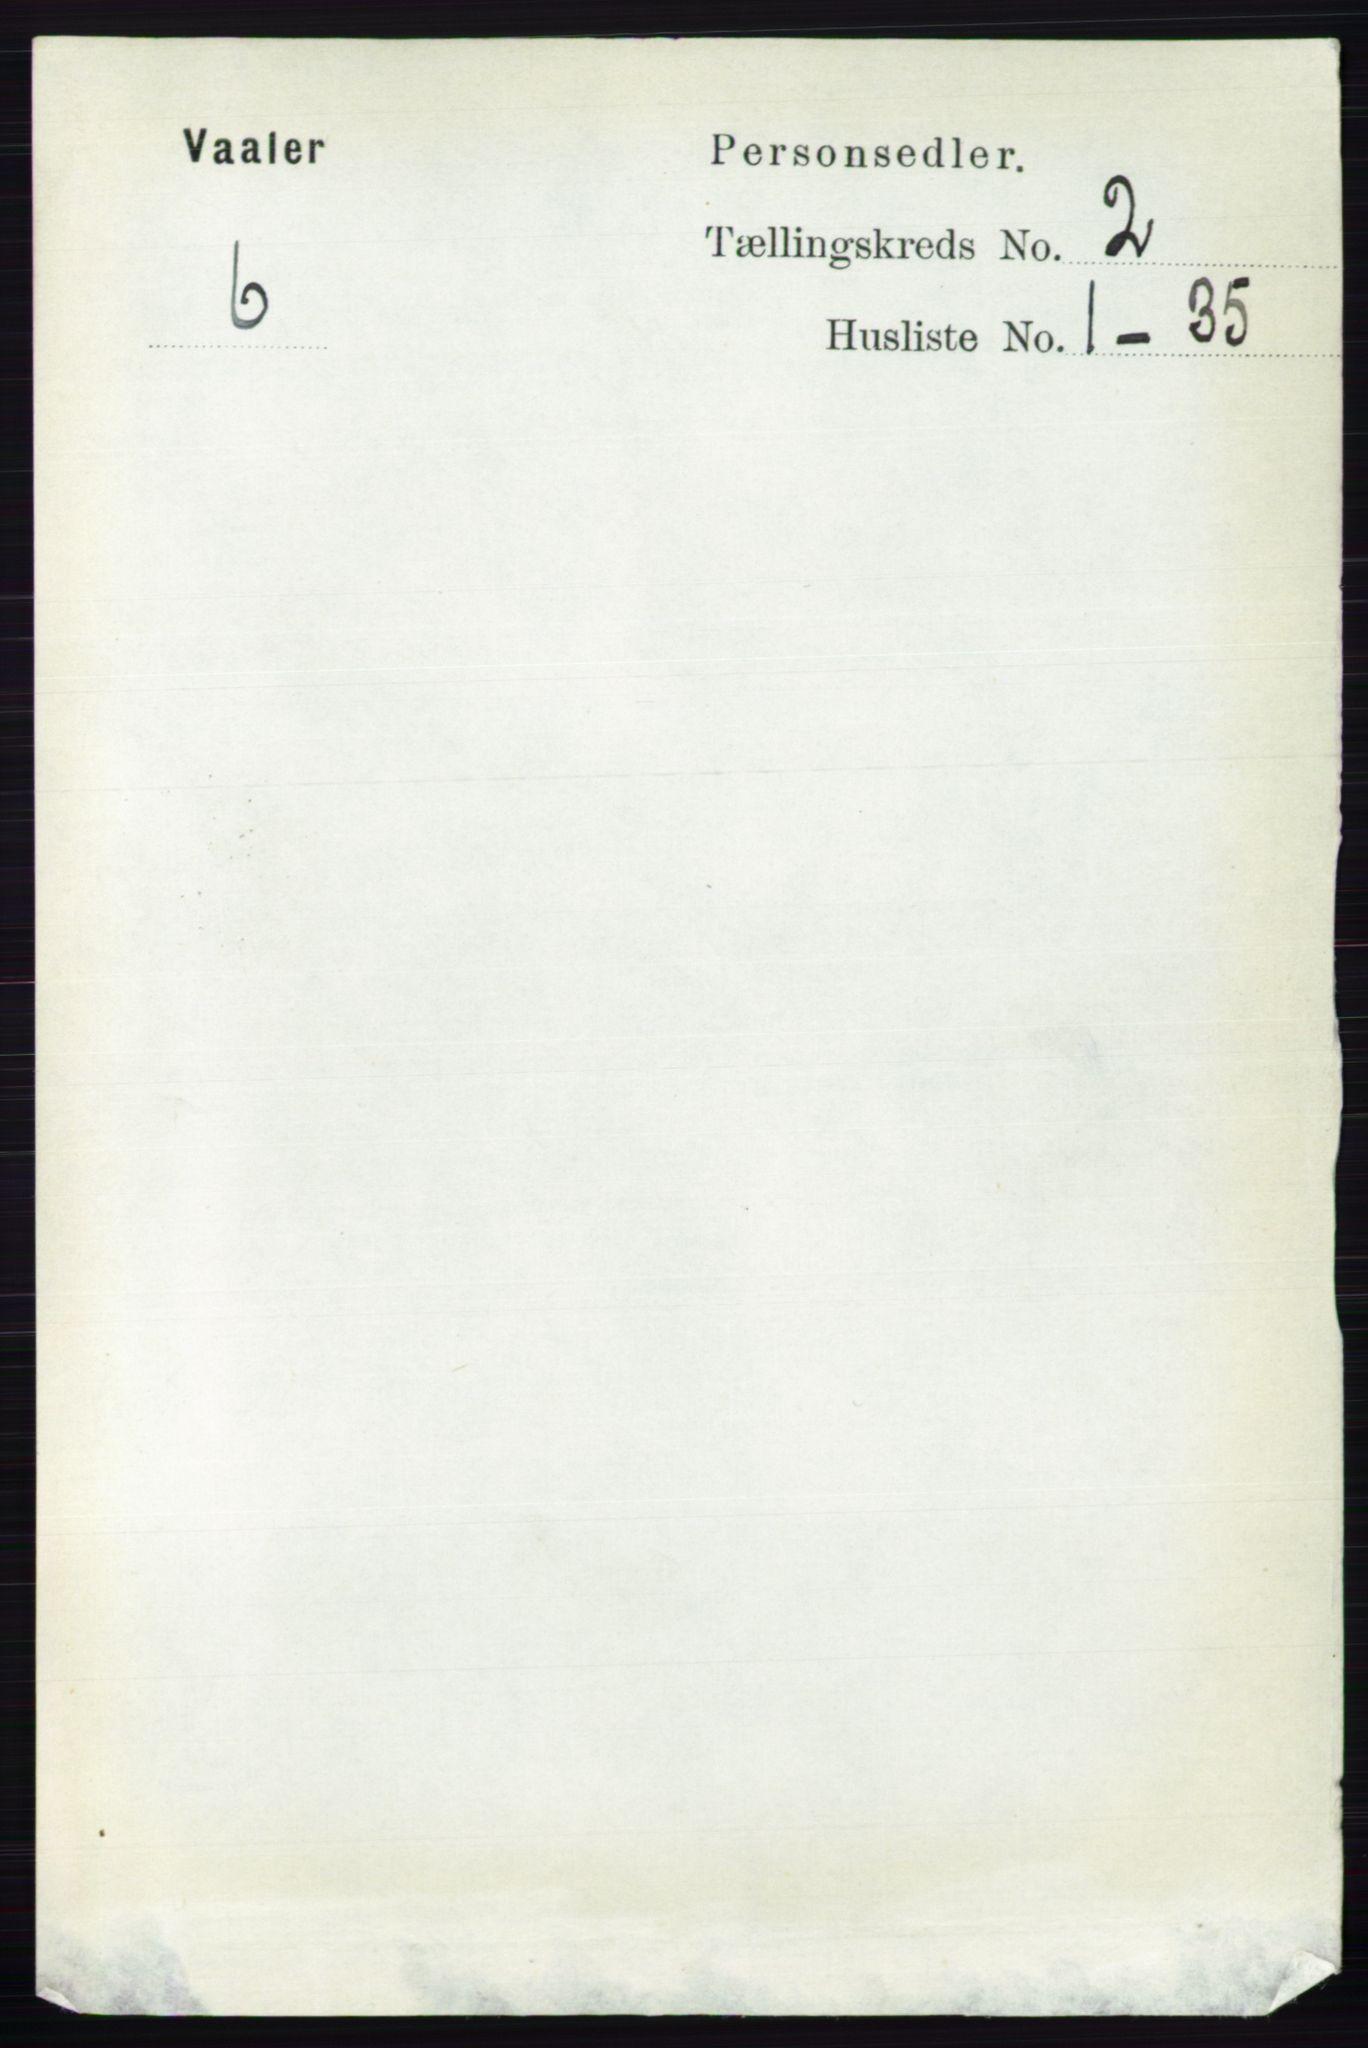 RA, Folketelling 1891 for 0137 Våler herred, 1891, s. 685